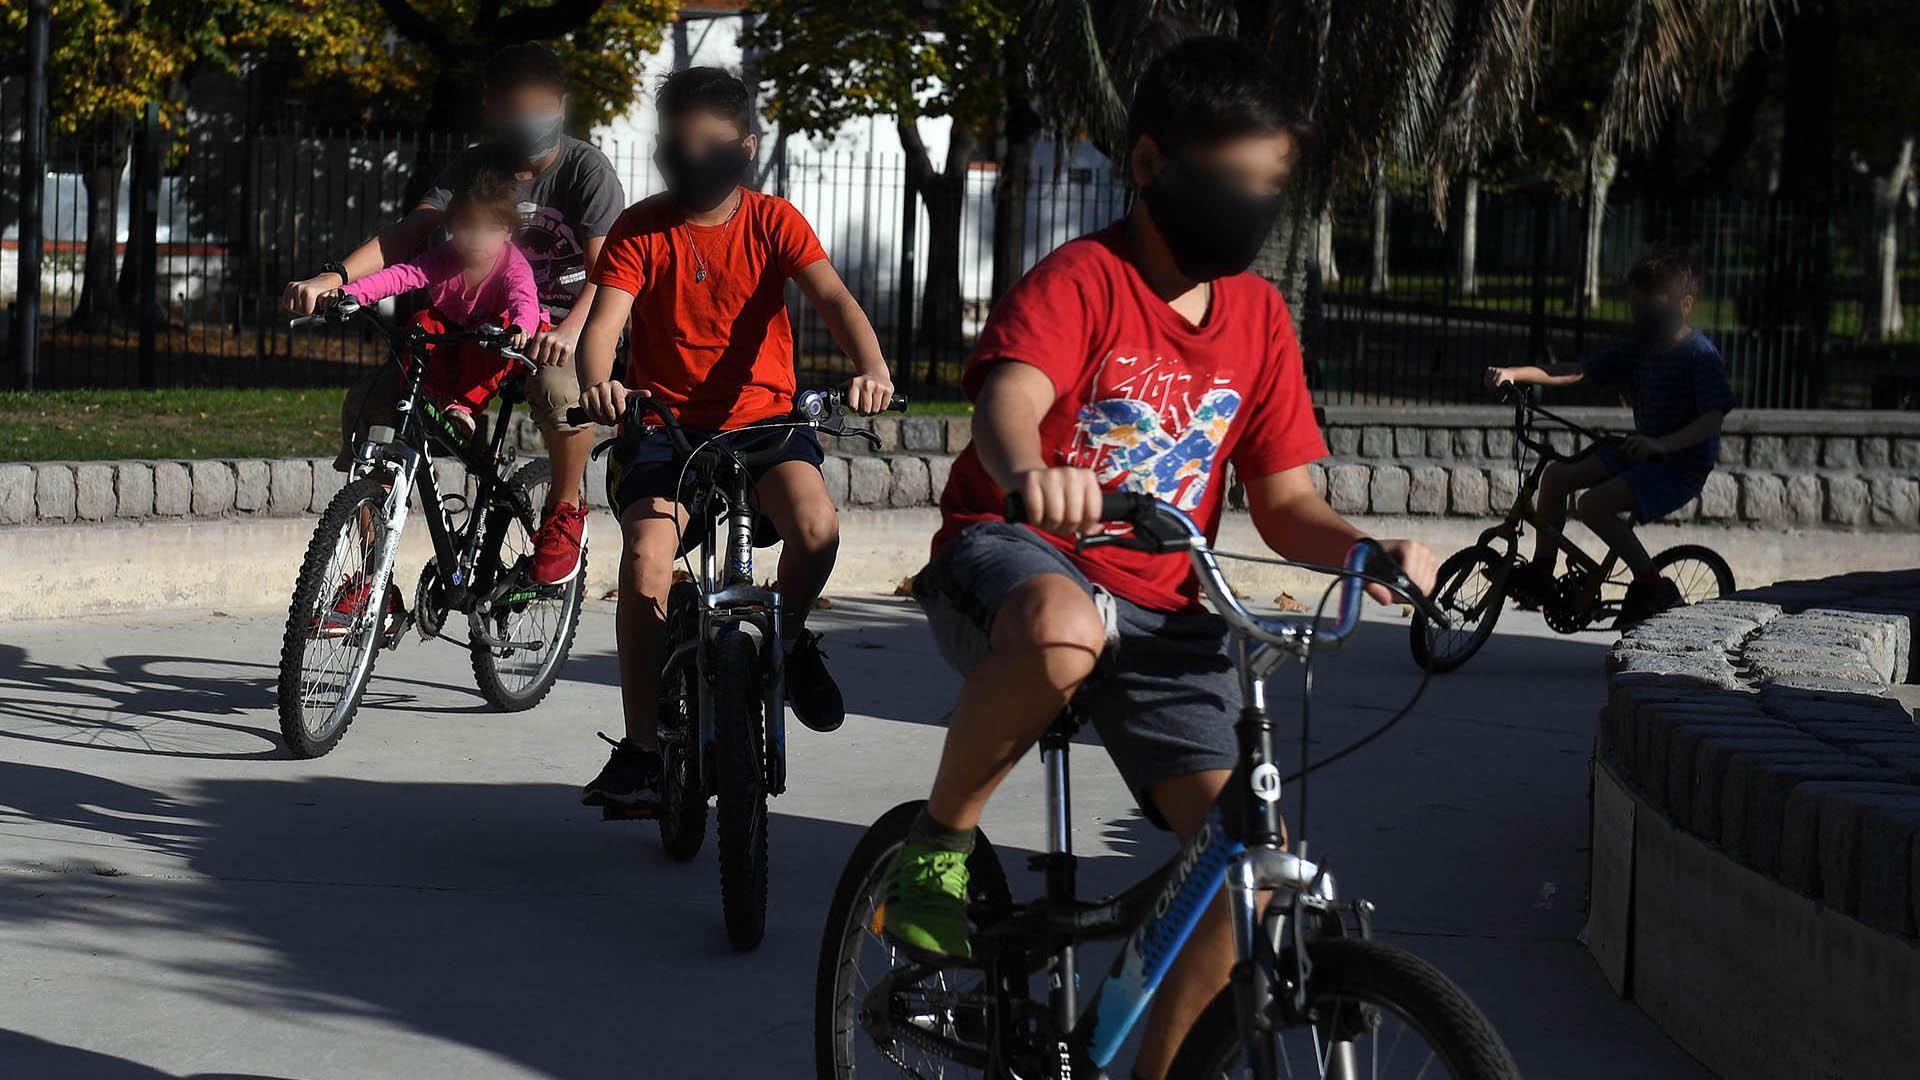 Desde las primeras horas del día comenzaron a observarse niños en las calles porteñas. Algunos, en bicicleta